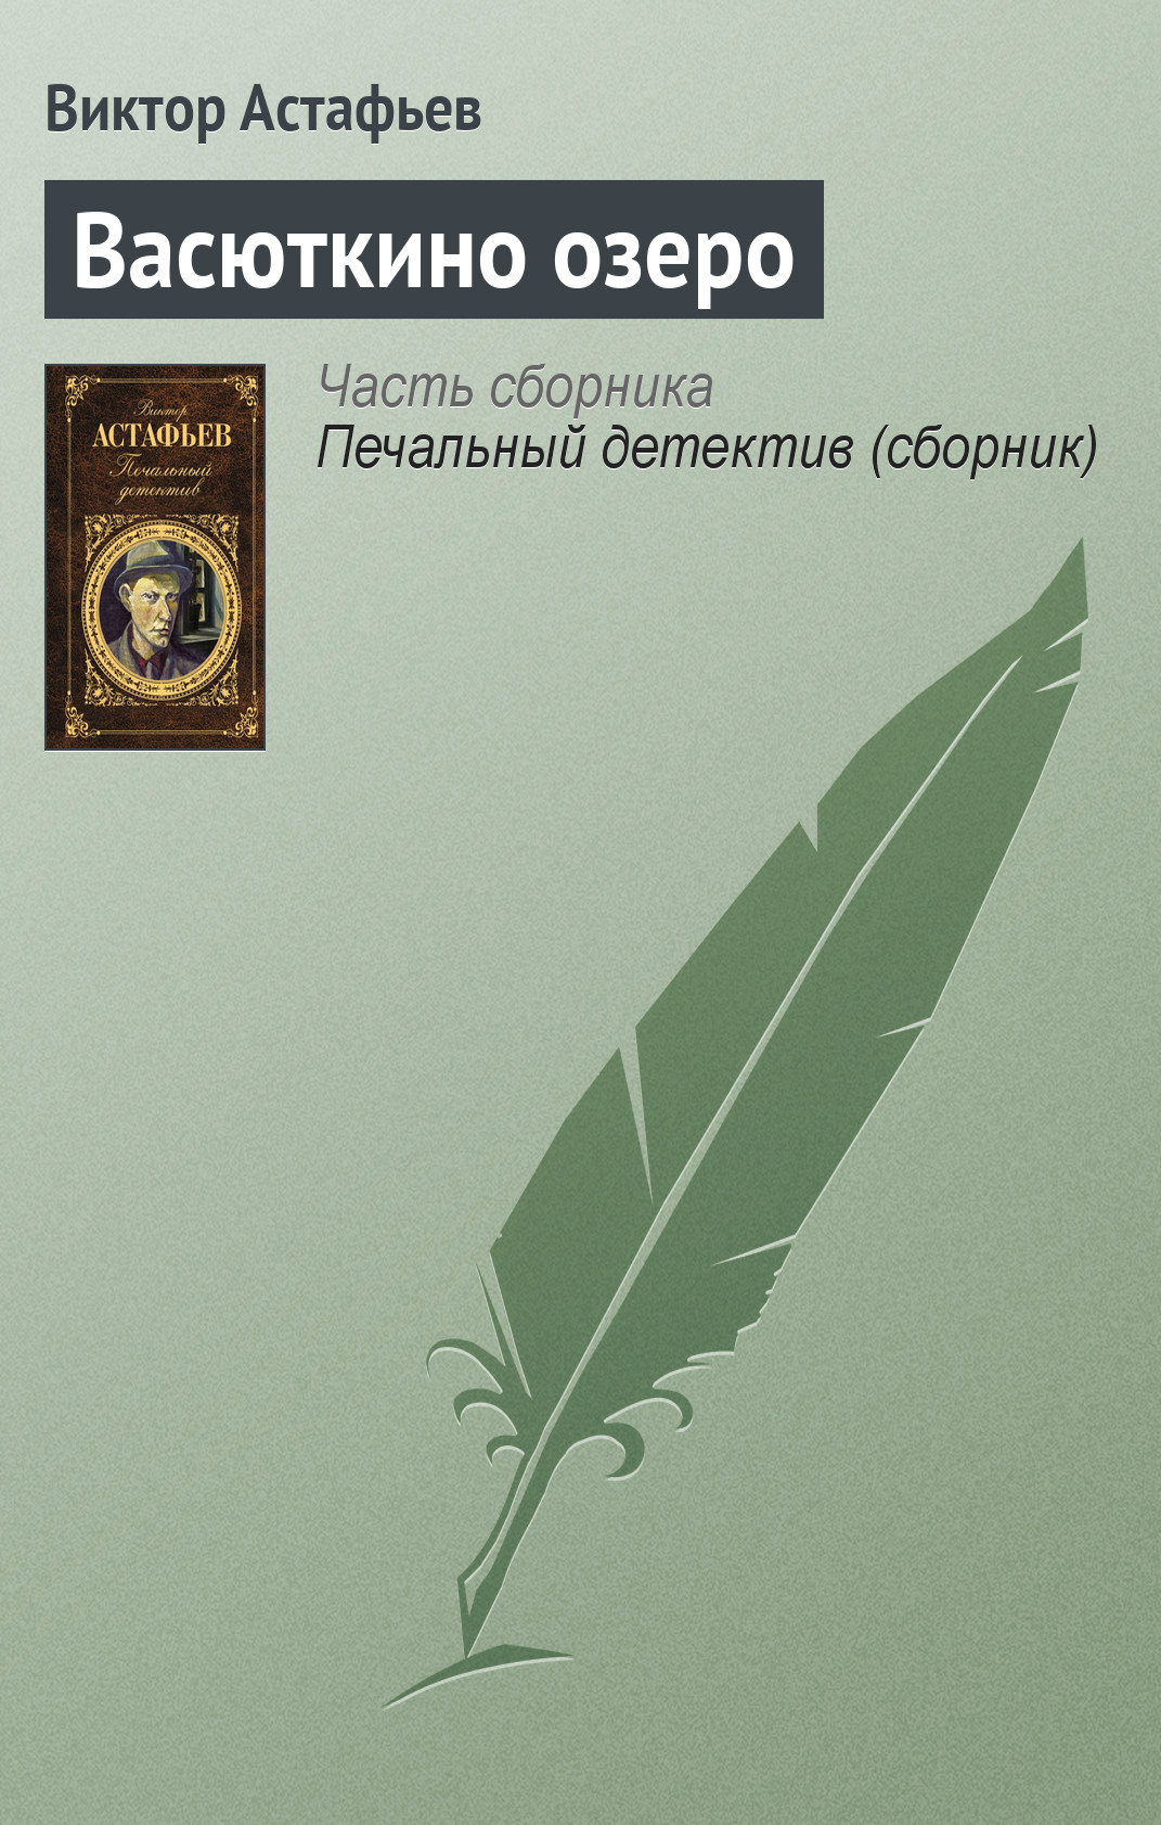 Васюткино озеро. Виктор Астафьев. ISBN: 978-5-699-46235-3